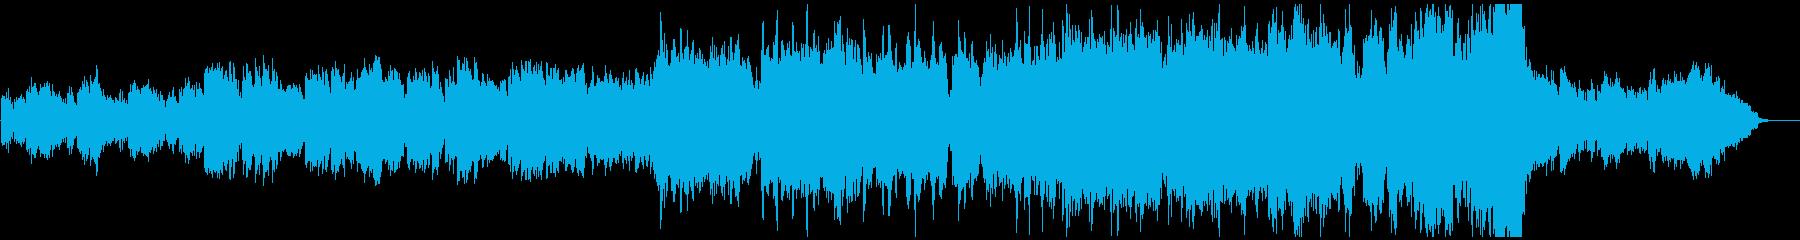 オーケストラ企業PV 前半静寂後半勇士の再生済みの波形